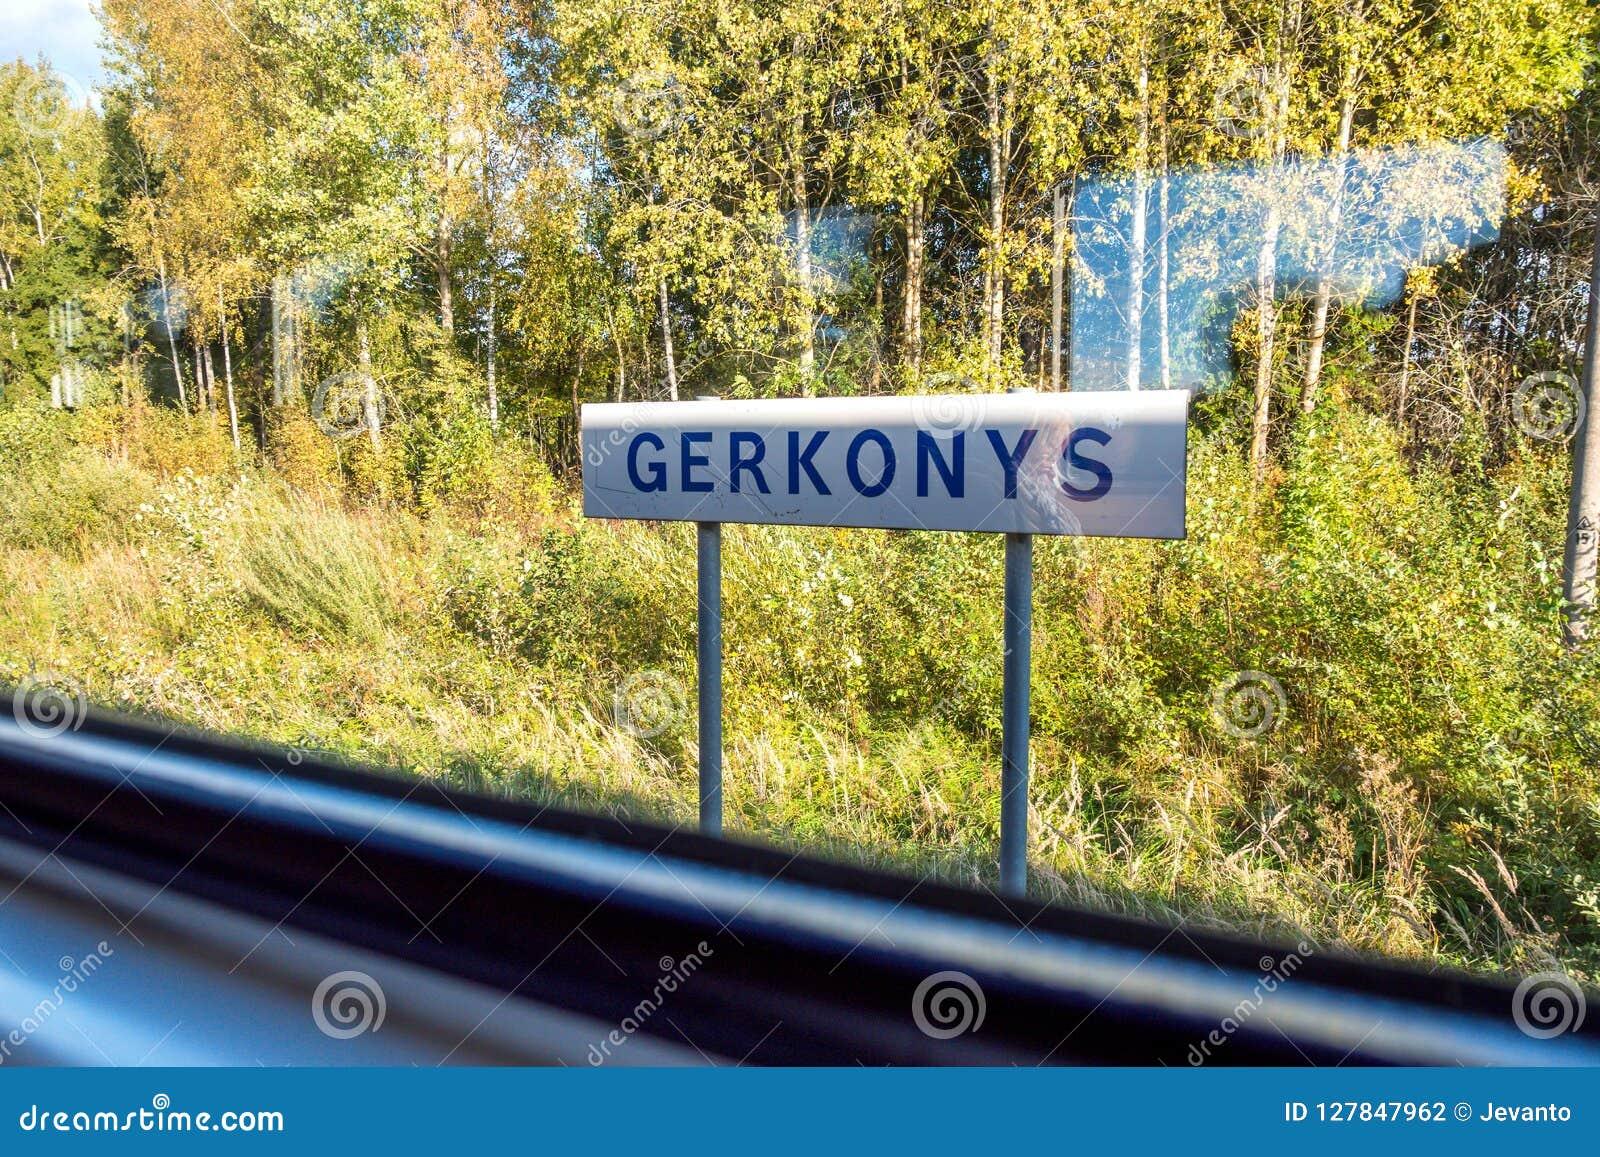 Ηλιόλουστη άποψη ημέρας της πόλης πινακίδας Gerkonys μέσω του παραθύρου τραίνων που ταξιδεύει από τα visaginas στο vilnius Λιθουα